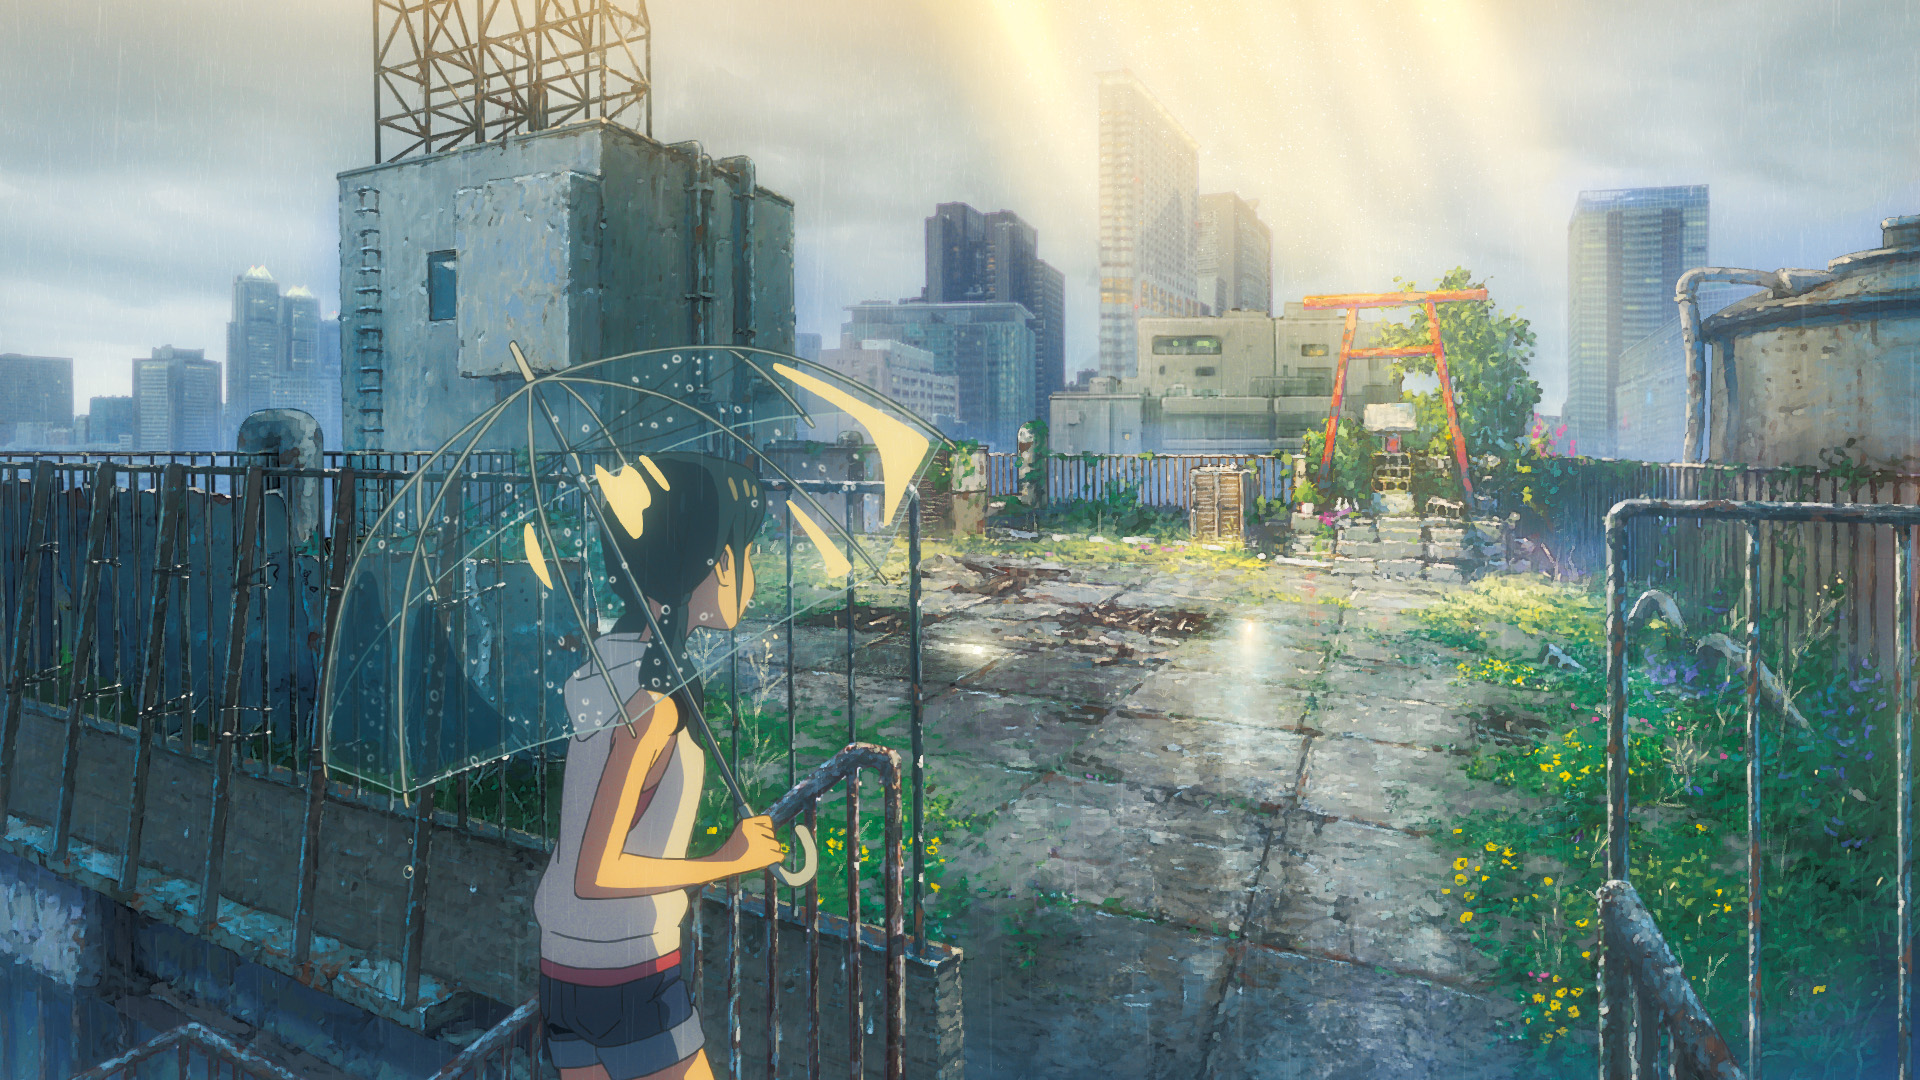 《天气之子》登顶日本2019年电影票房冠军 国内前十过半动画